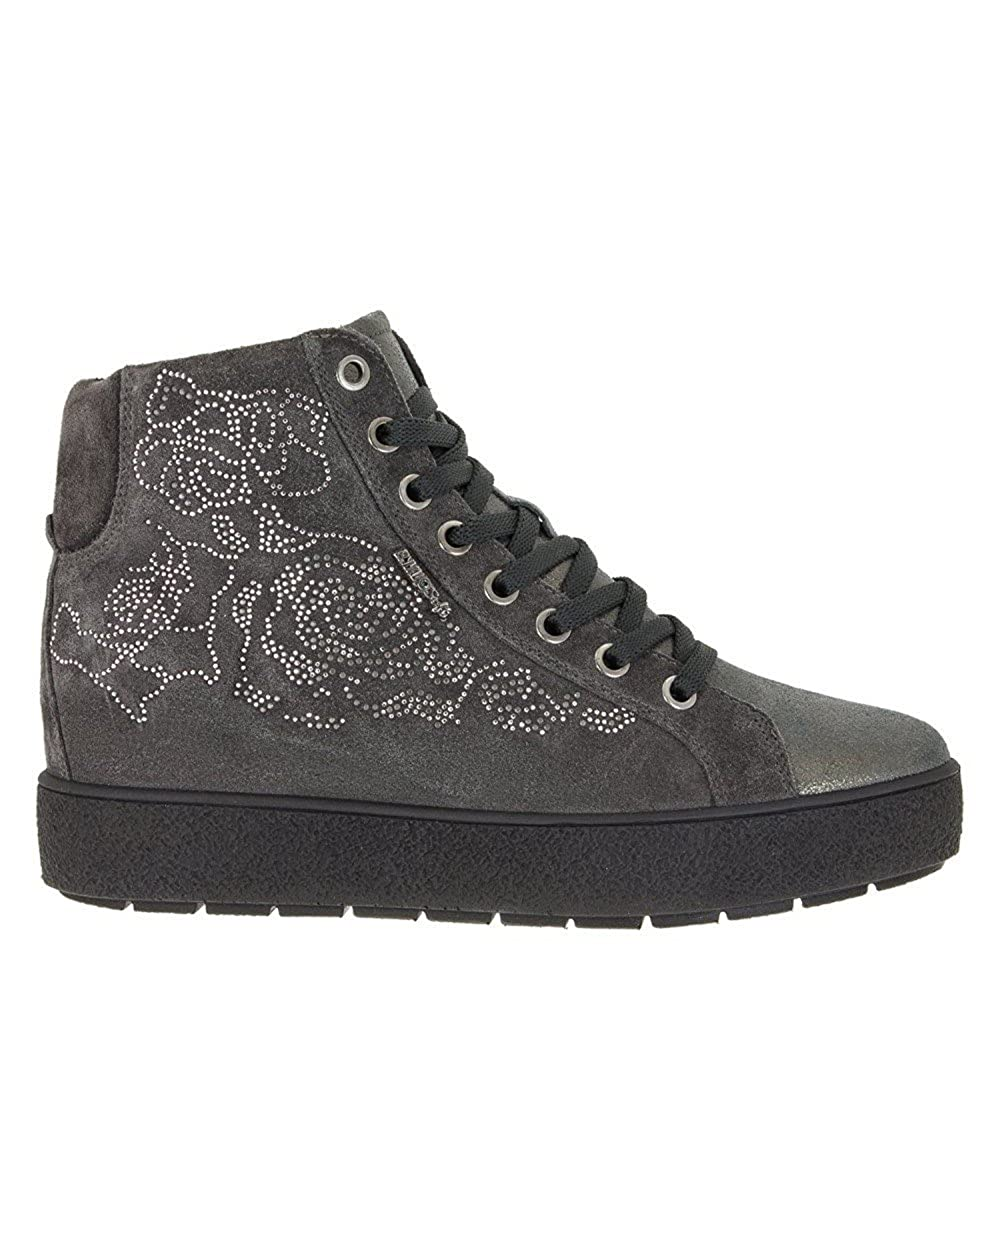 ENVAL SOFT scarpe donna sneakers alte 8996100 Sneaker